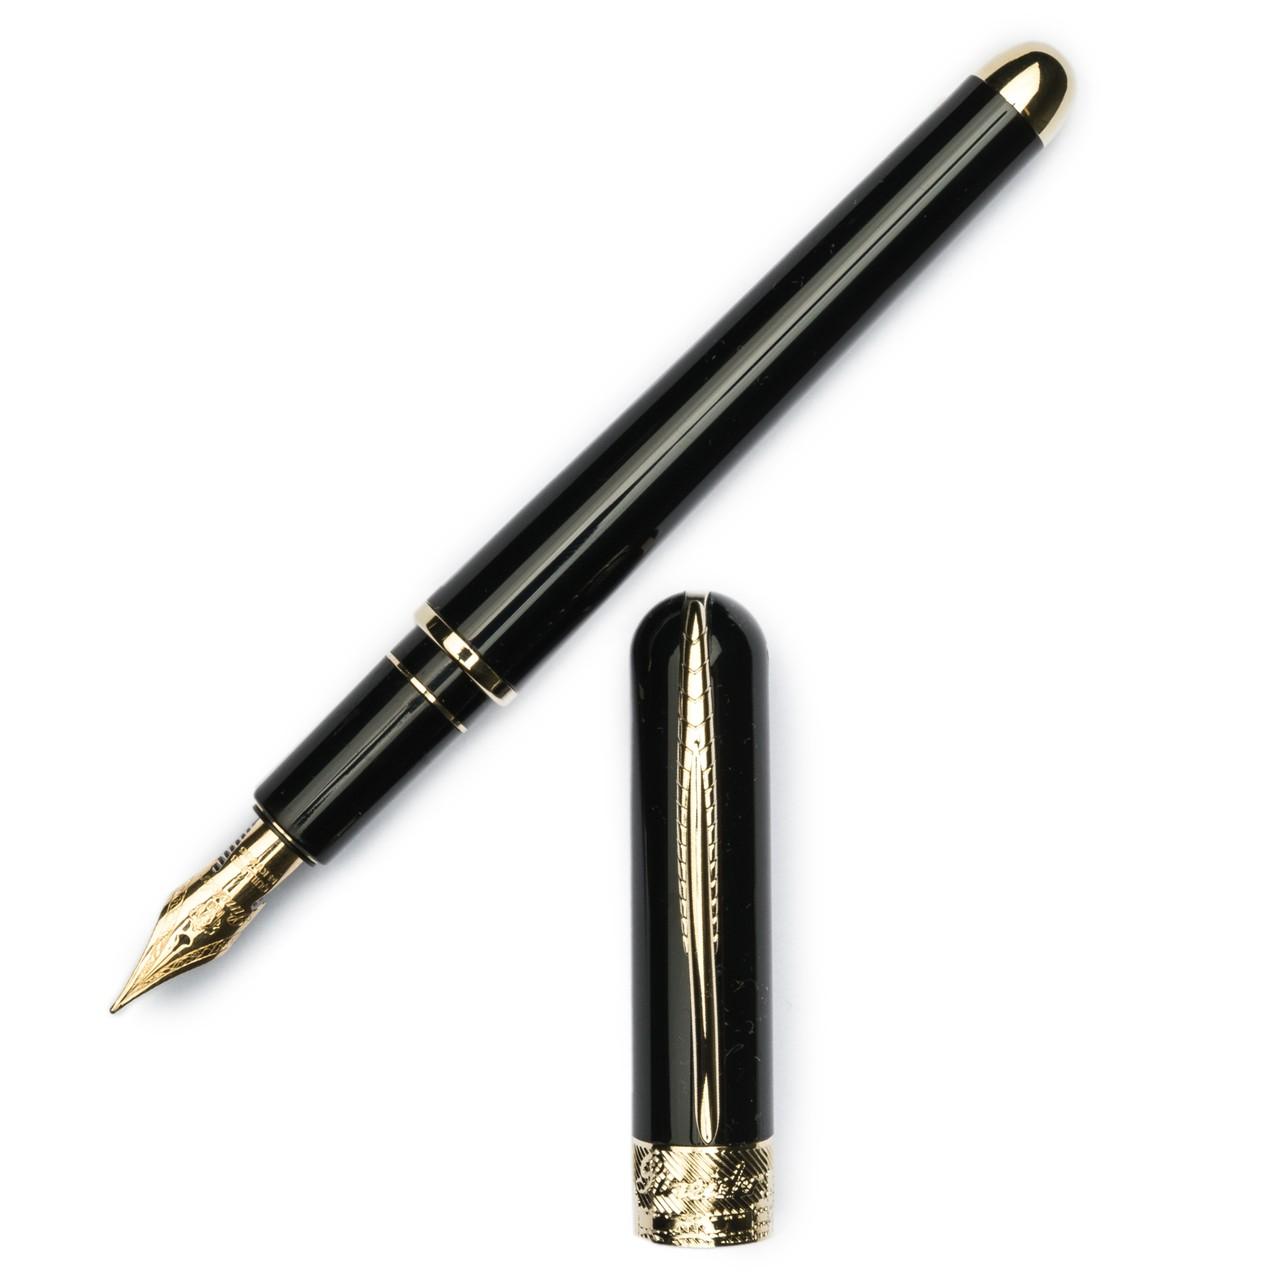 Pineider Avatar UR Deluxe Graphene Black Fountain Pen